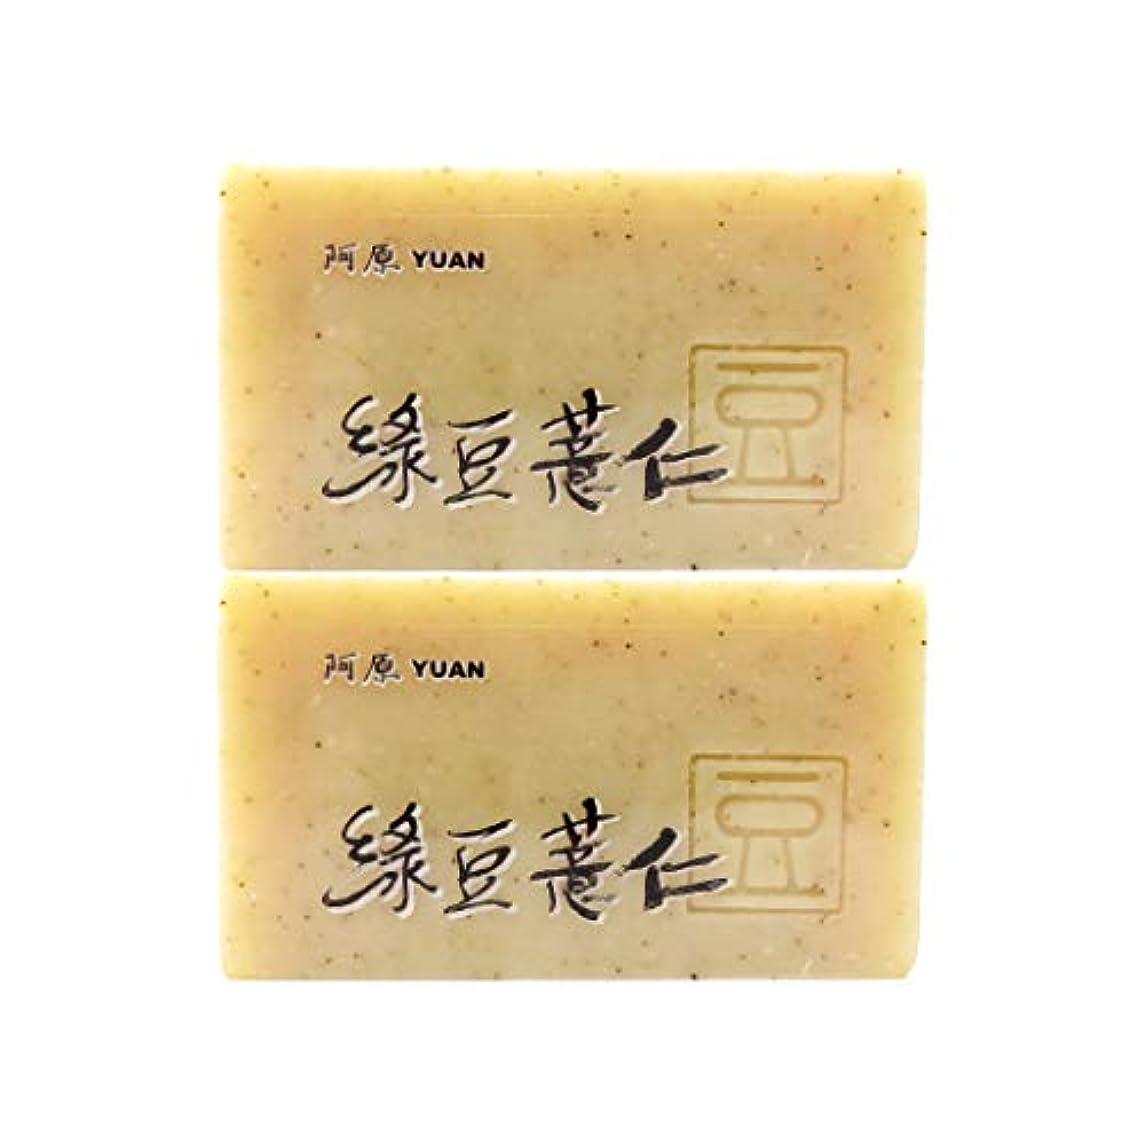 金銭的な空気ショルダーユアン(YUAN) ハトムギ+リョクトウソープ 100g (2個セット)